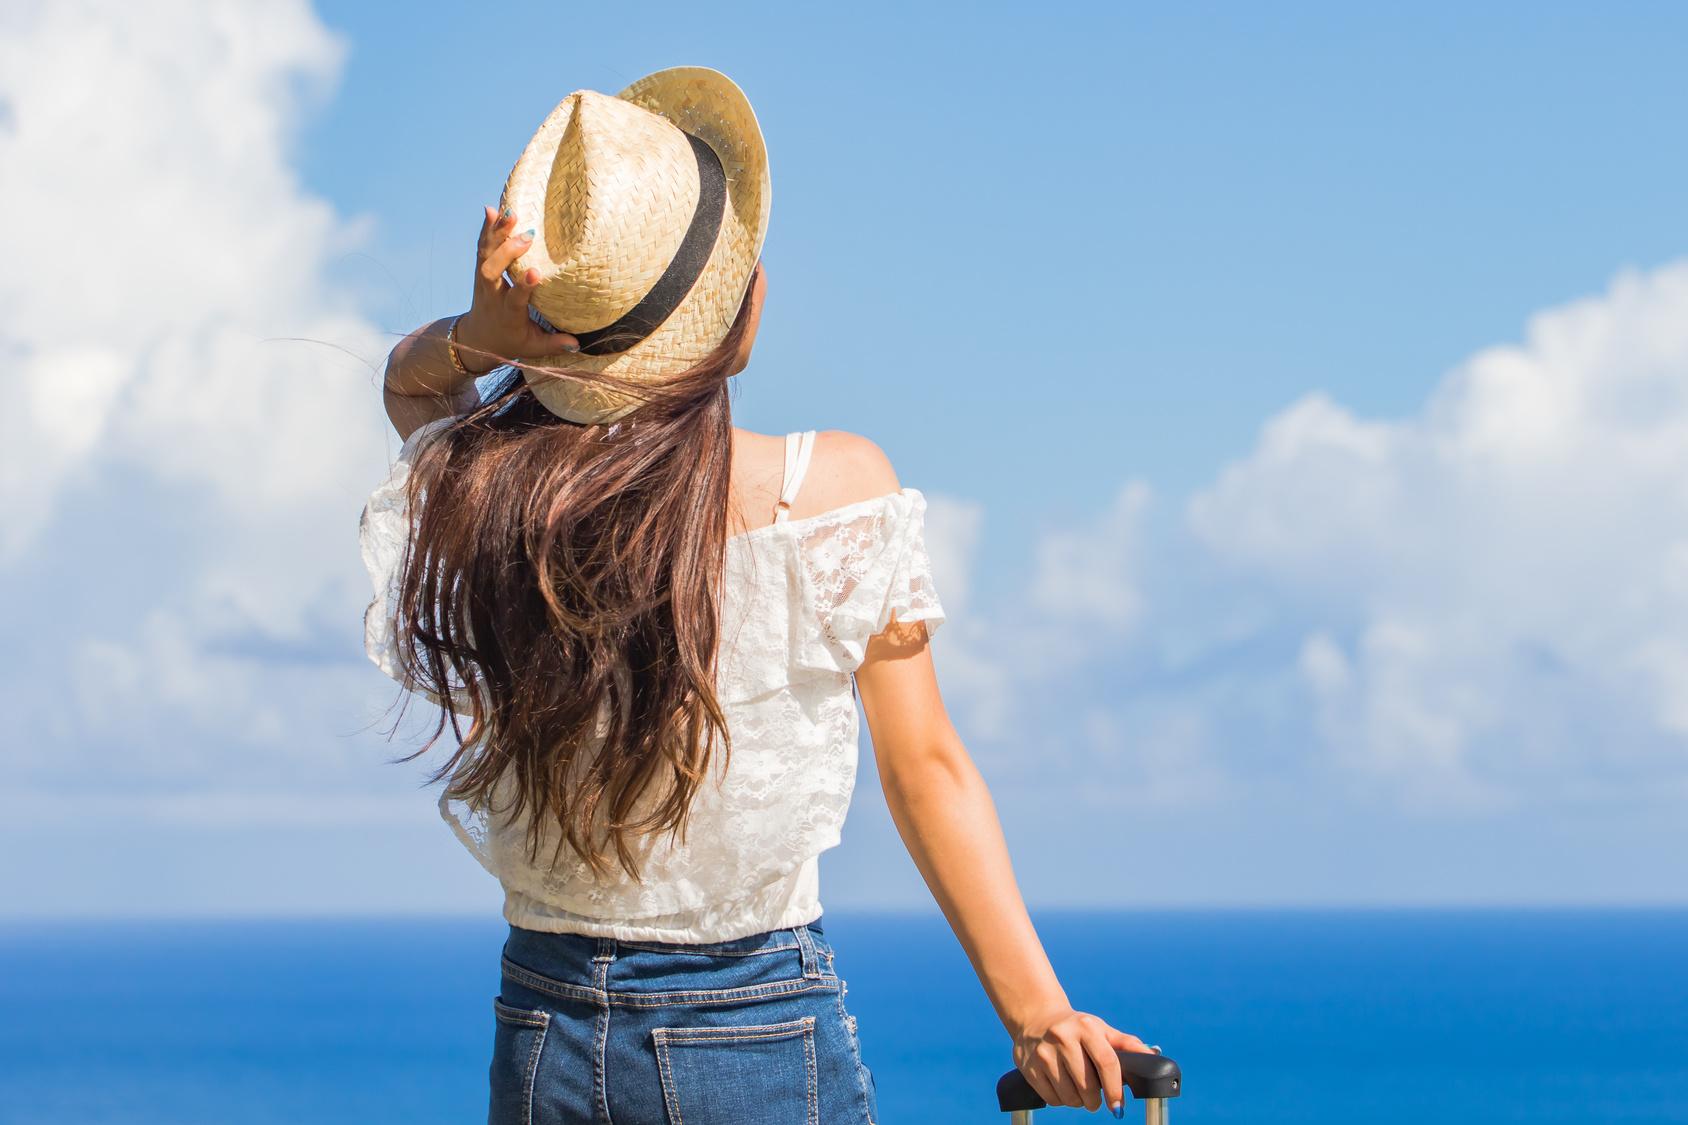 街コンレポート_海で麦わら帽子を抑えて遠くを見つめる女性